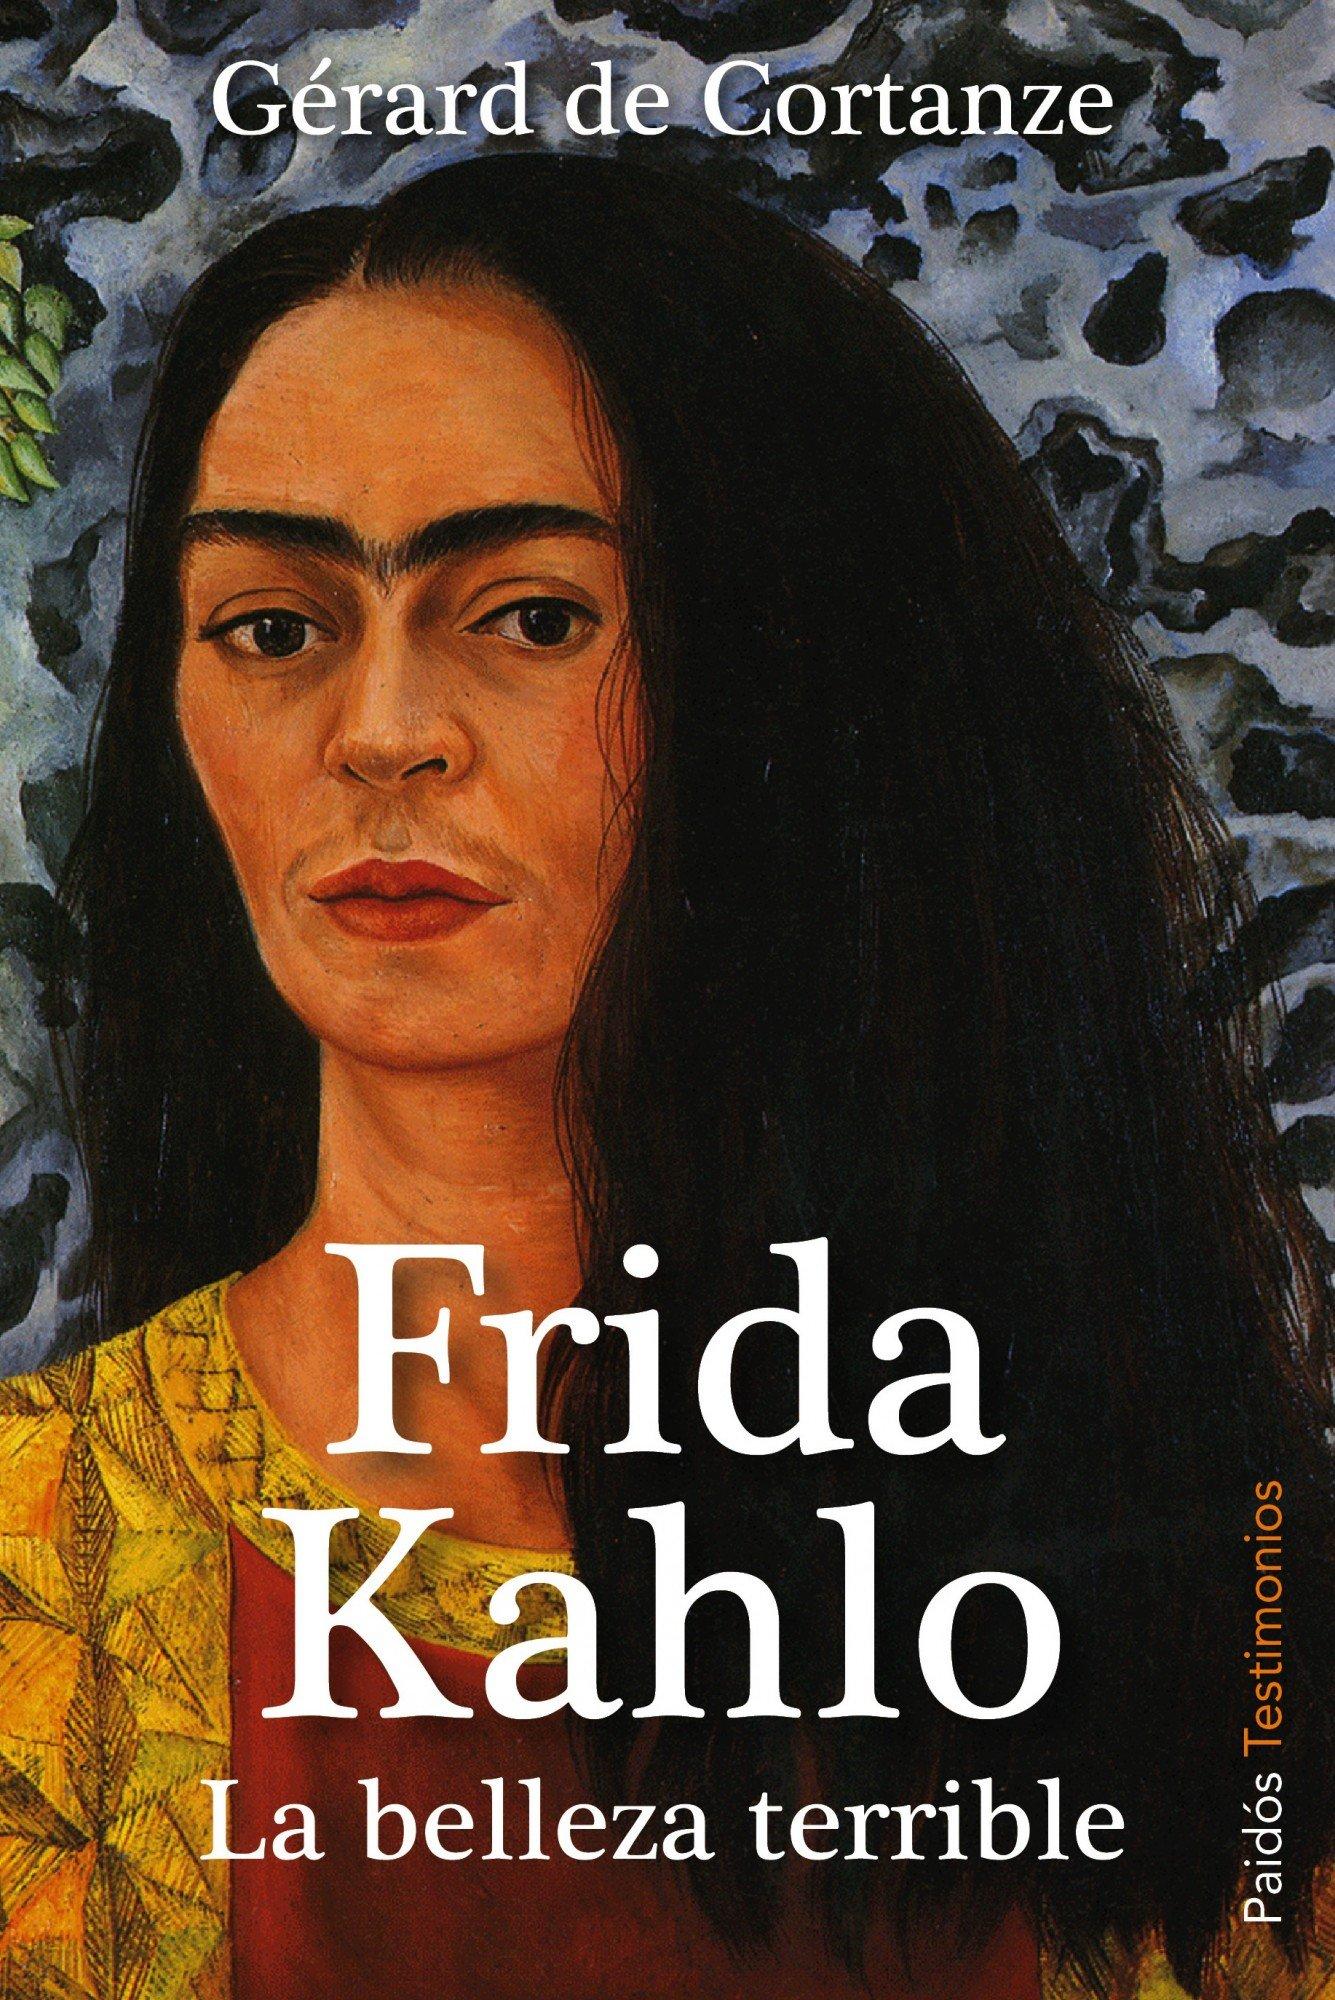 Frida Kahlo: La belleza terrible (2012) Gérard de Cortanze, Nuria Petit Fontsere (traducción)